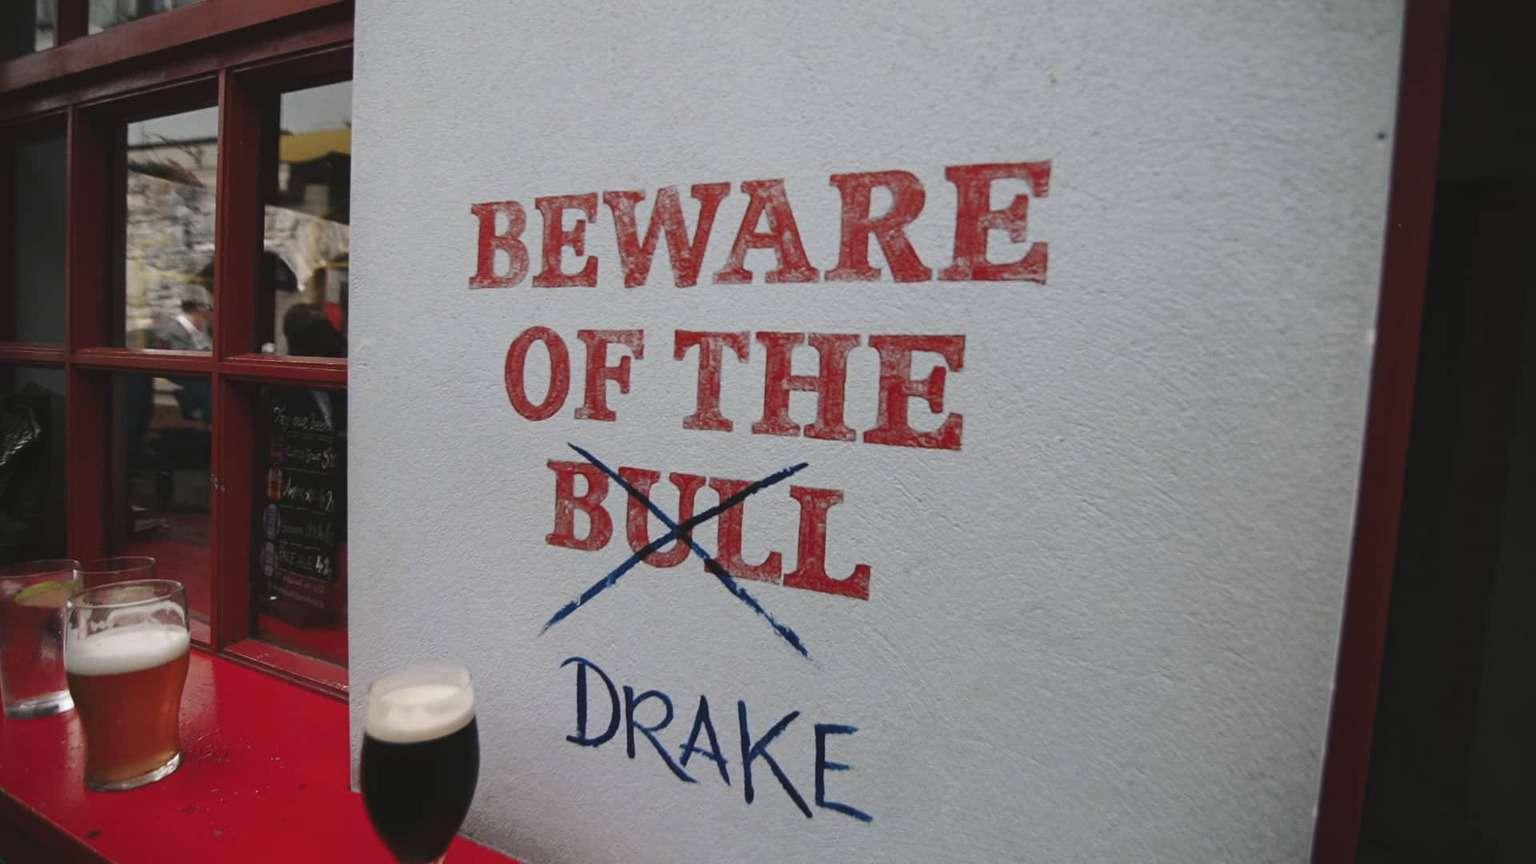 Beaware of the Drake board.